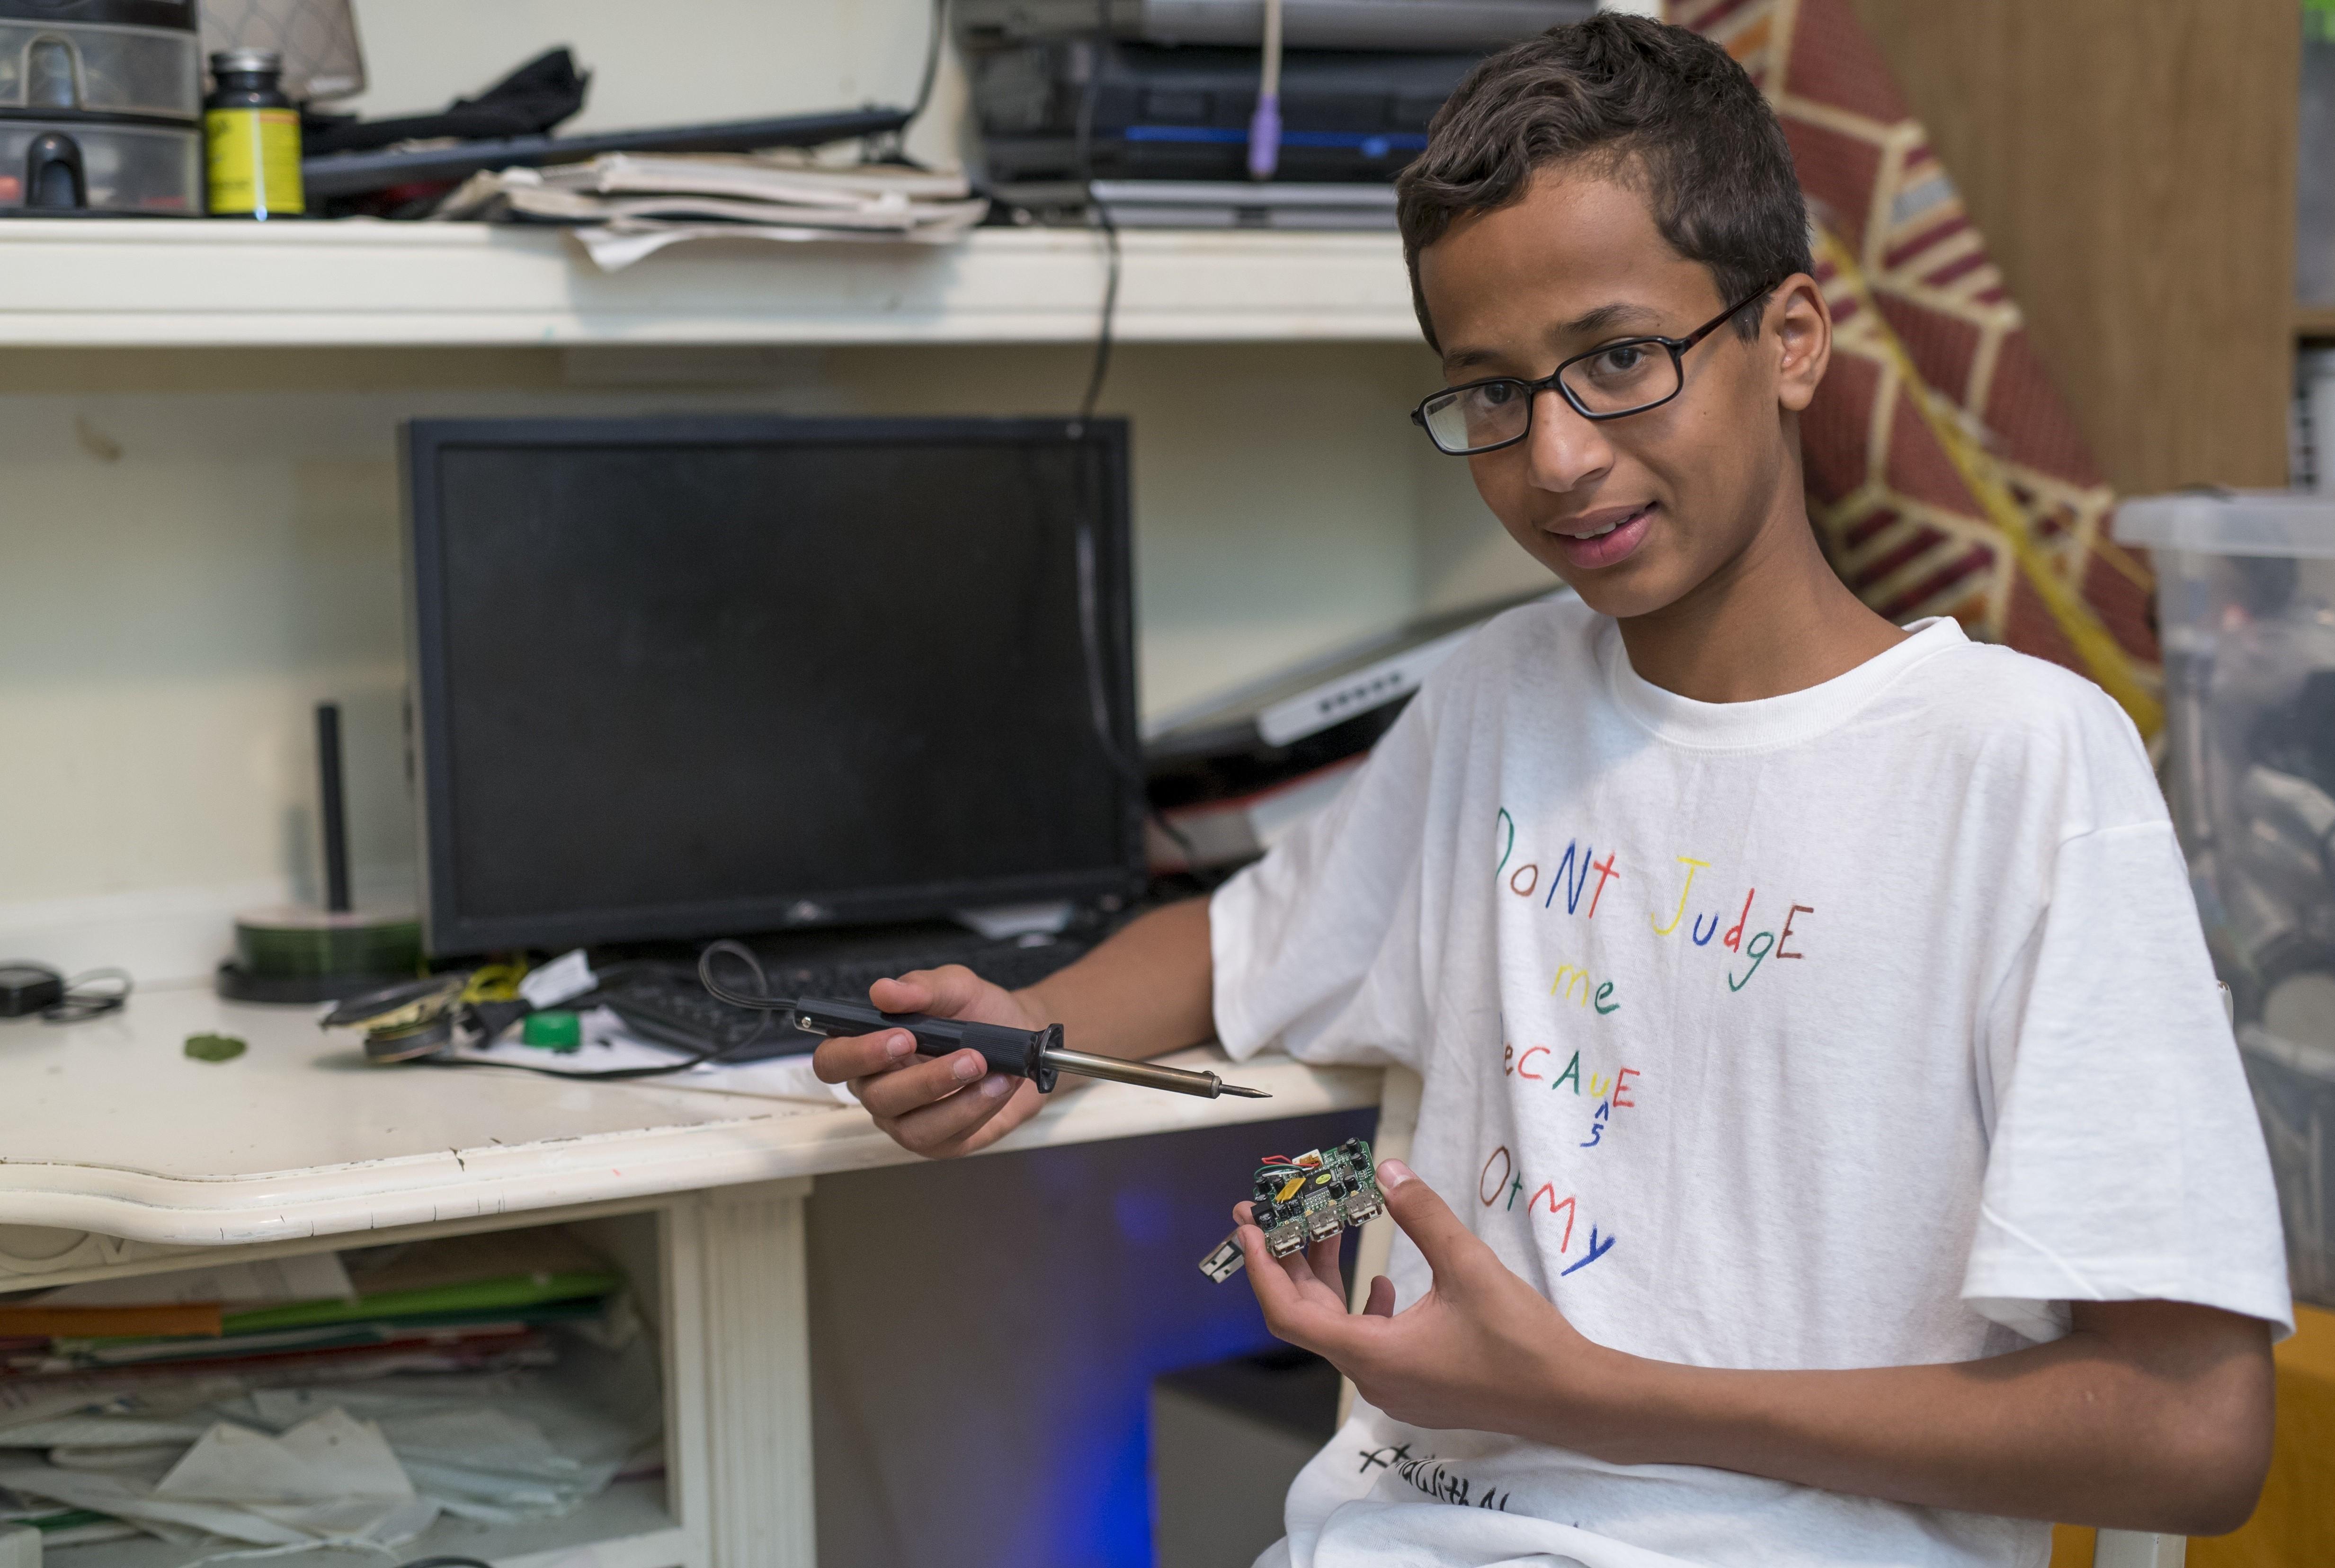 Decizia luata de familia lui Ahmed Mohamed, pustiul genial confundat cu un terorist dupa ce a adus un ceas la scoala